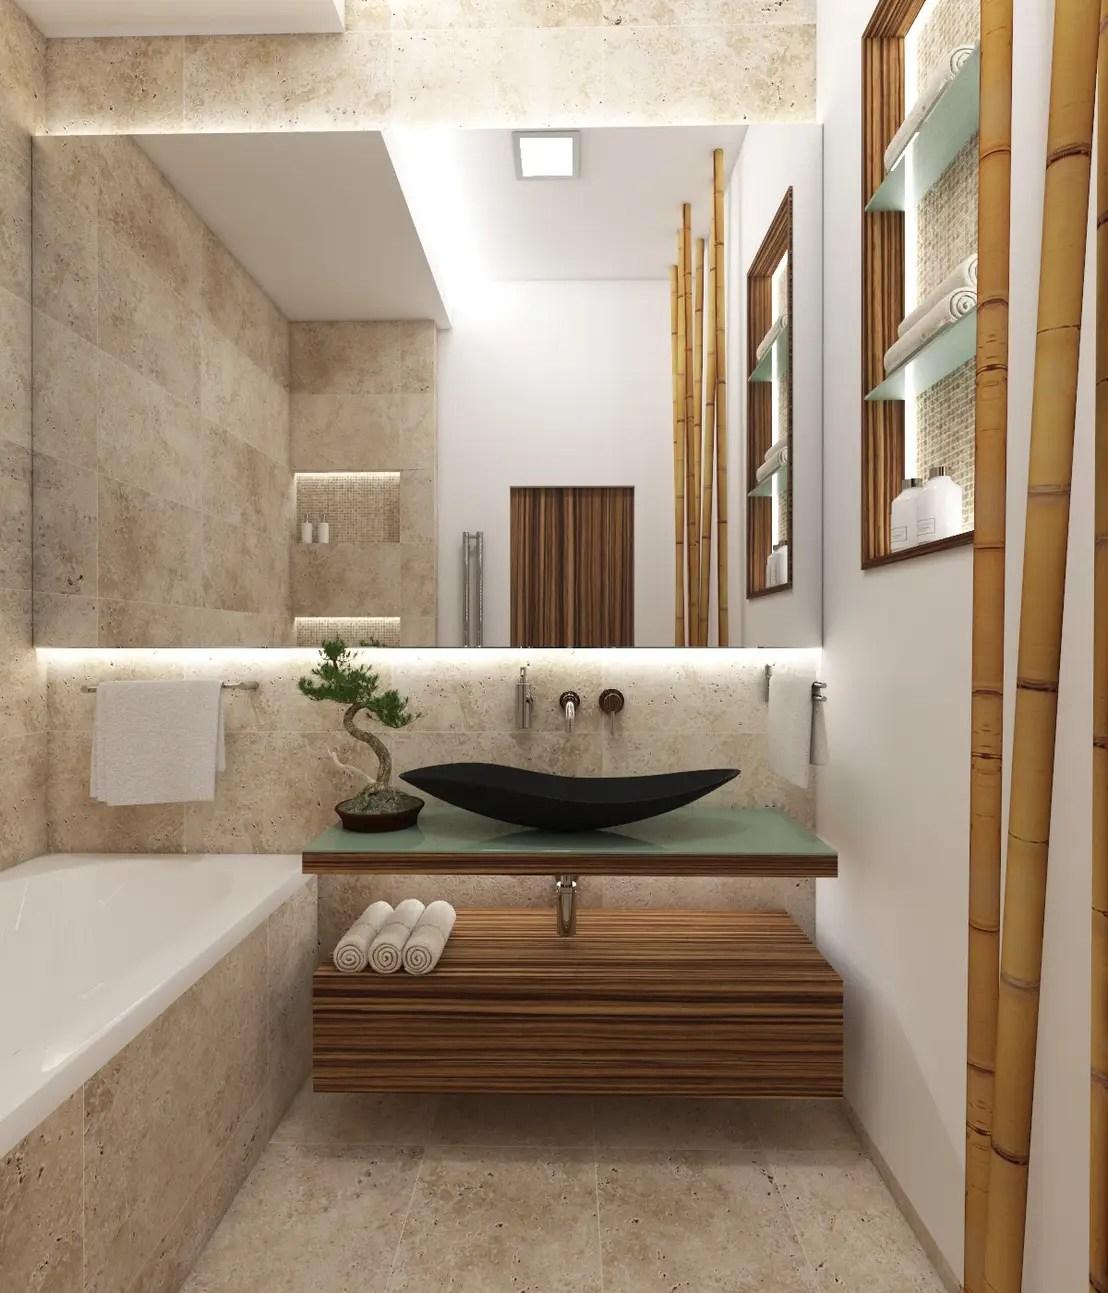 Küche Aufpeppen Beliebt Altes Badezimmer Aufpeppen Beliebt